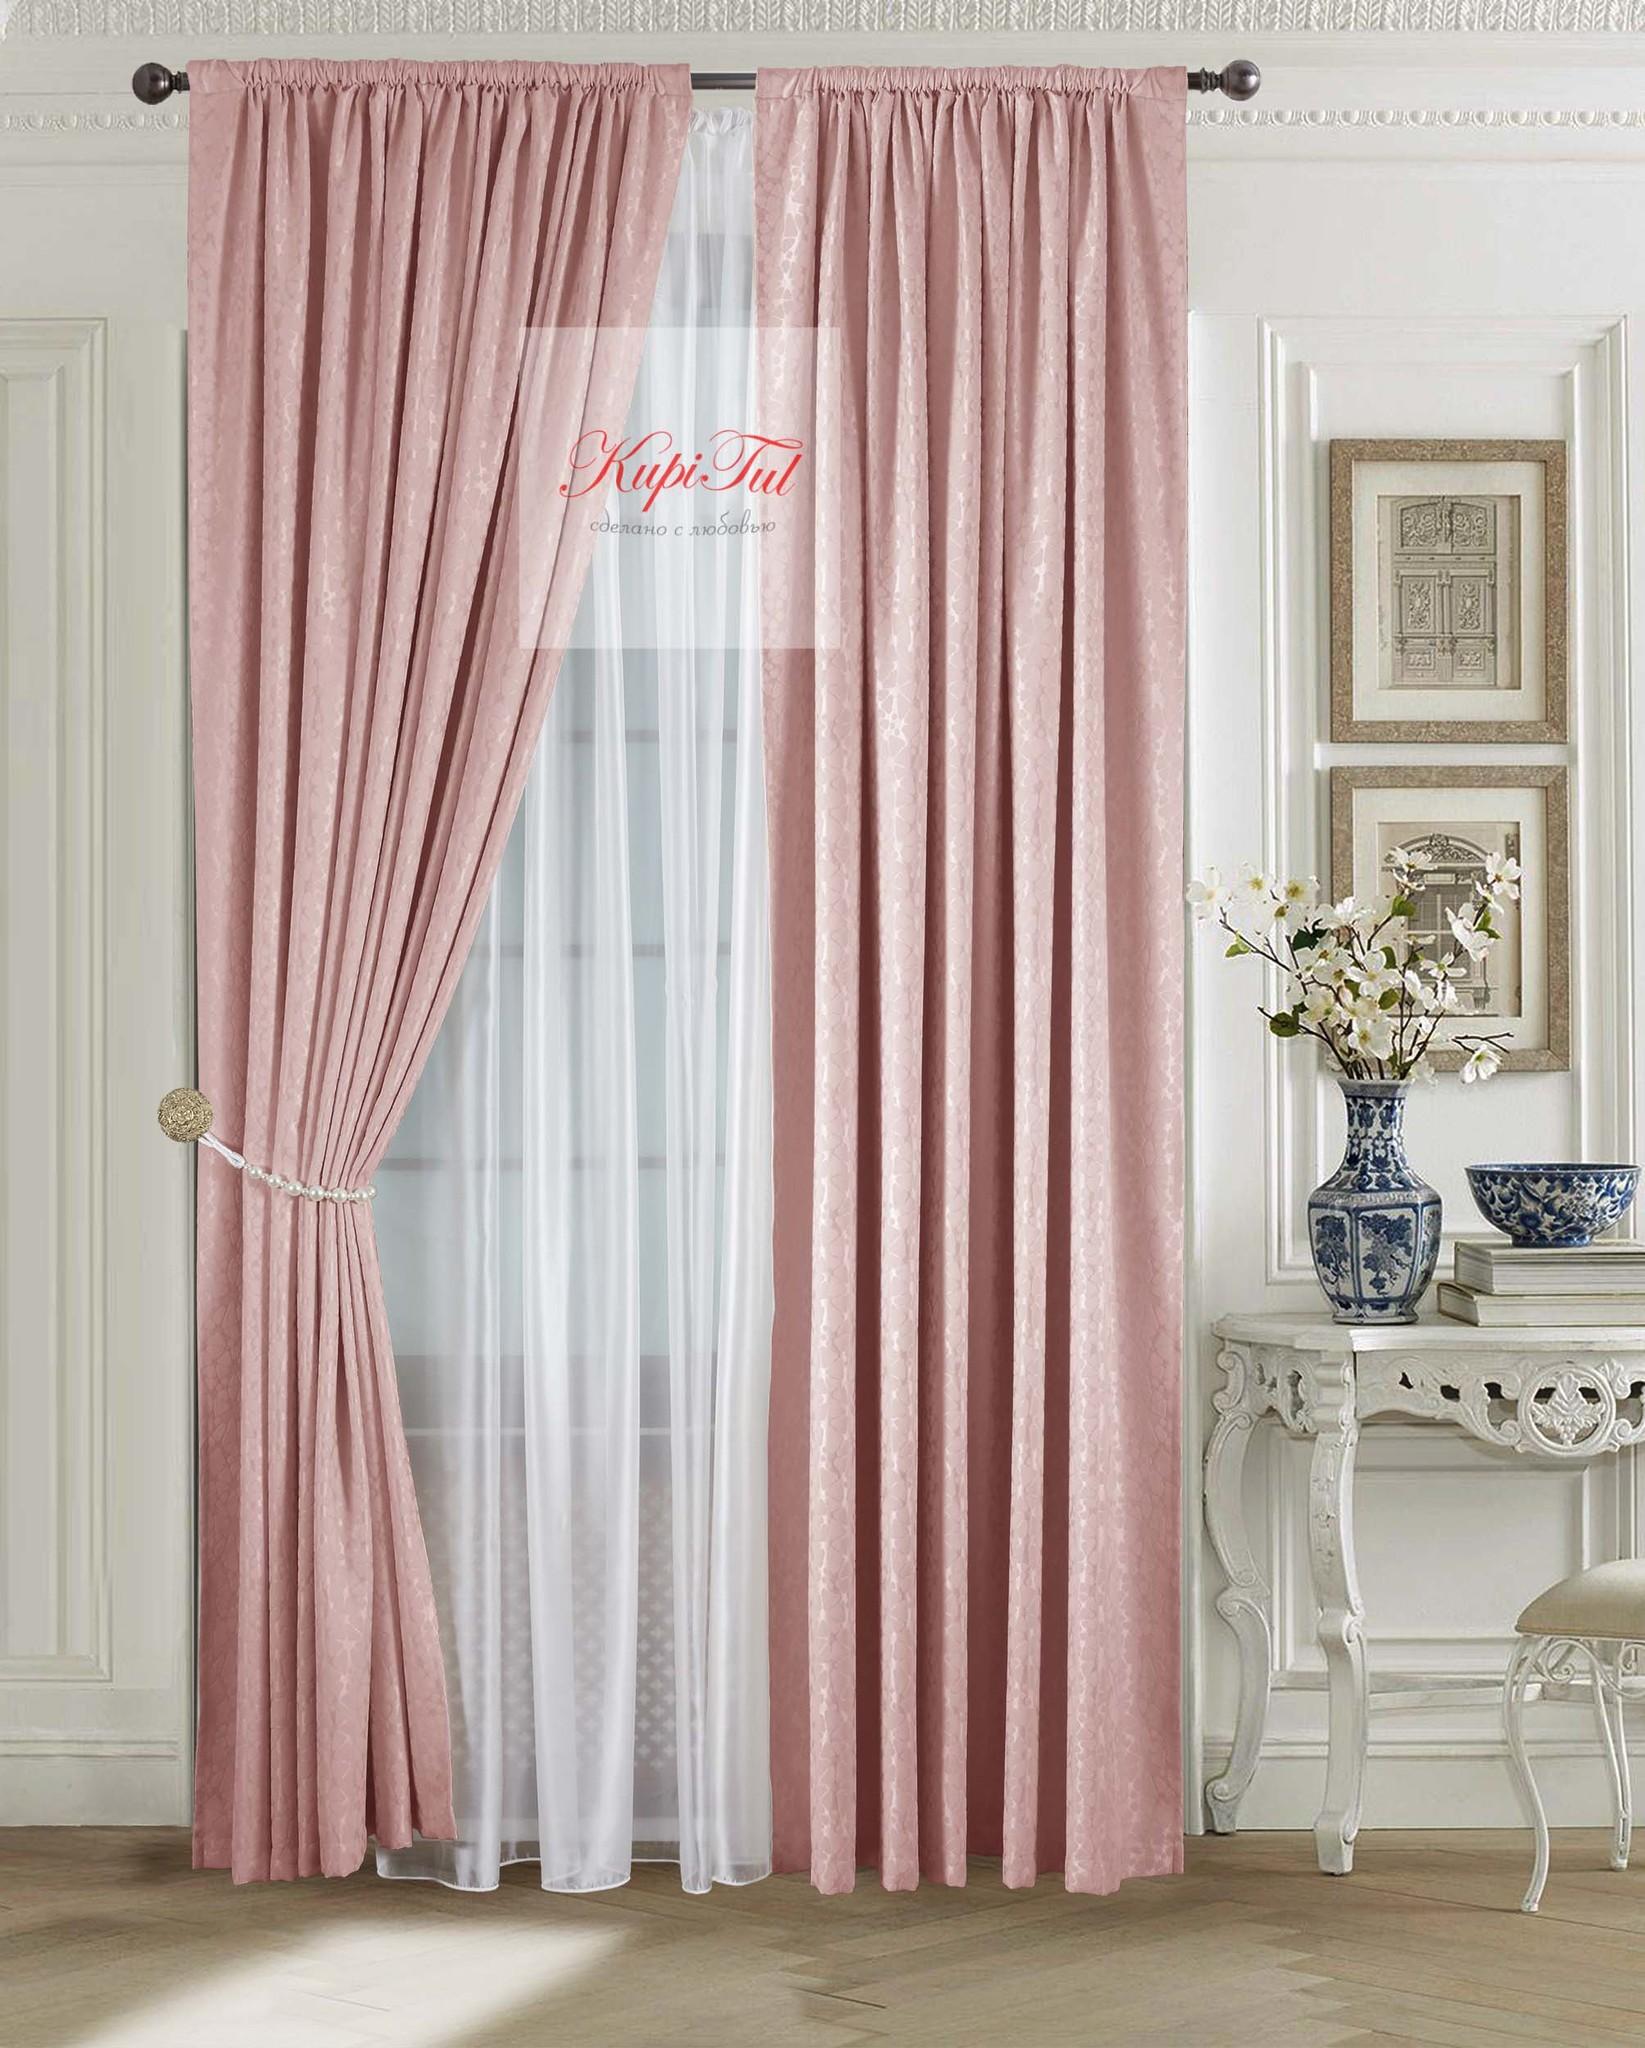 Комплект штор Лоран (светло-розовый). Шторы из стриженного бархата.